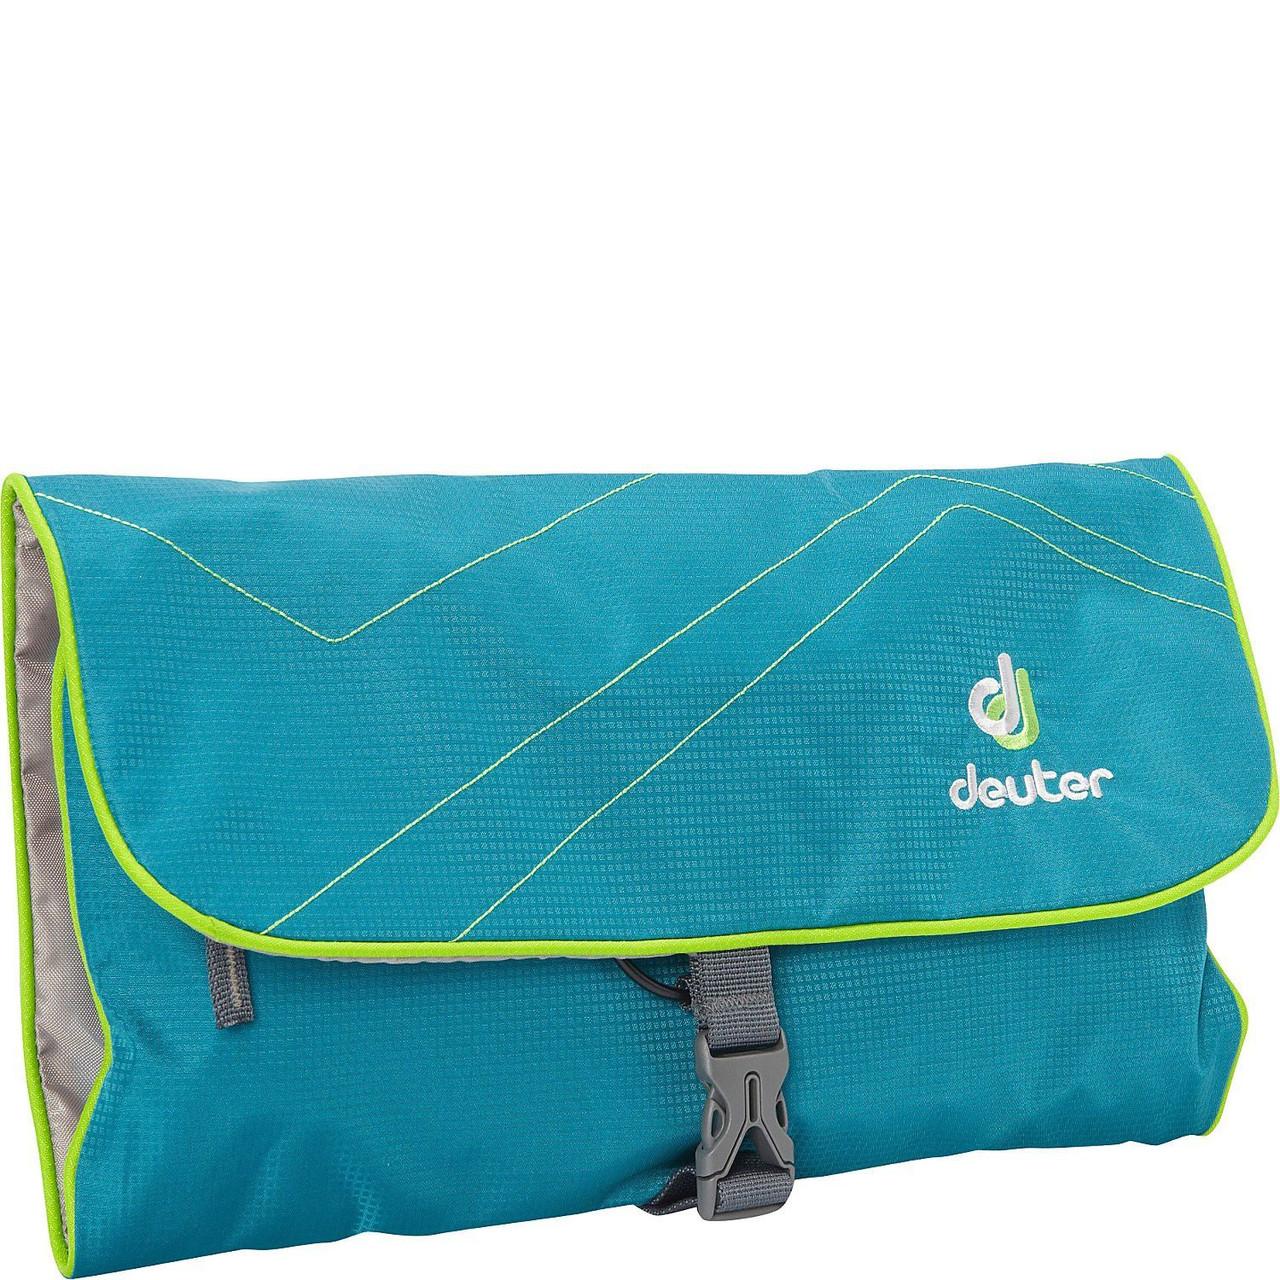 Несессер Deuter Wash Bag II petrol-kiwi (39434 3214)